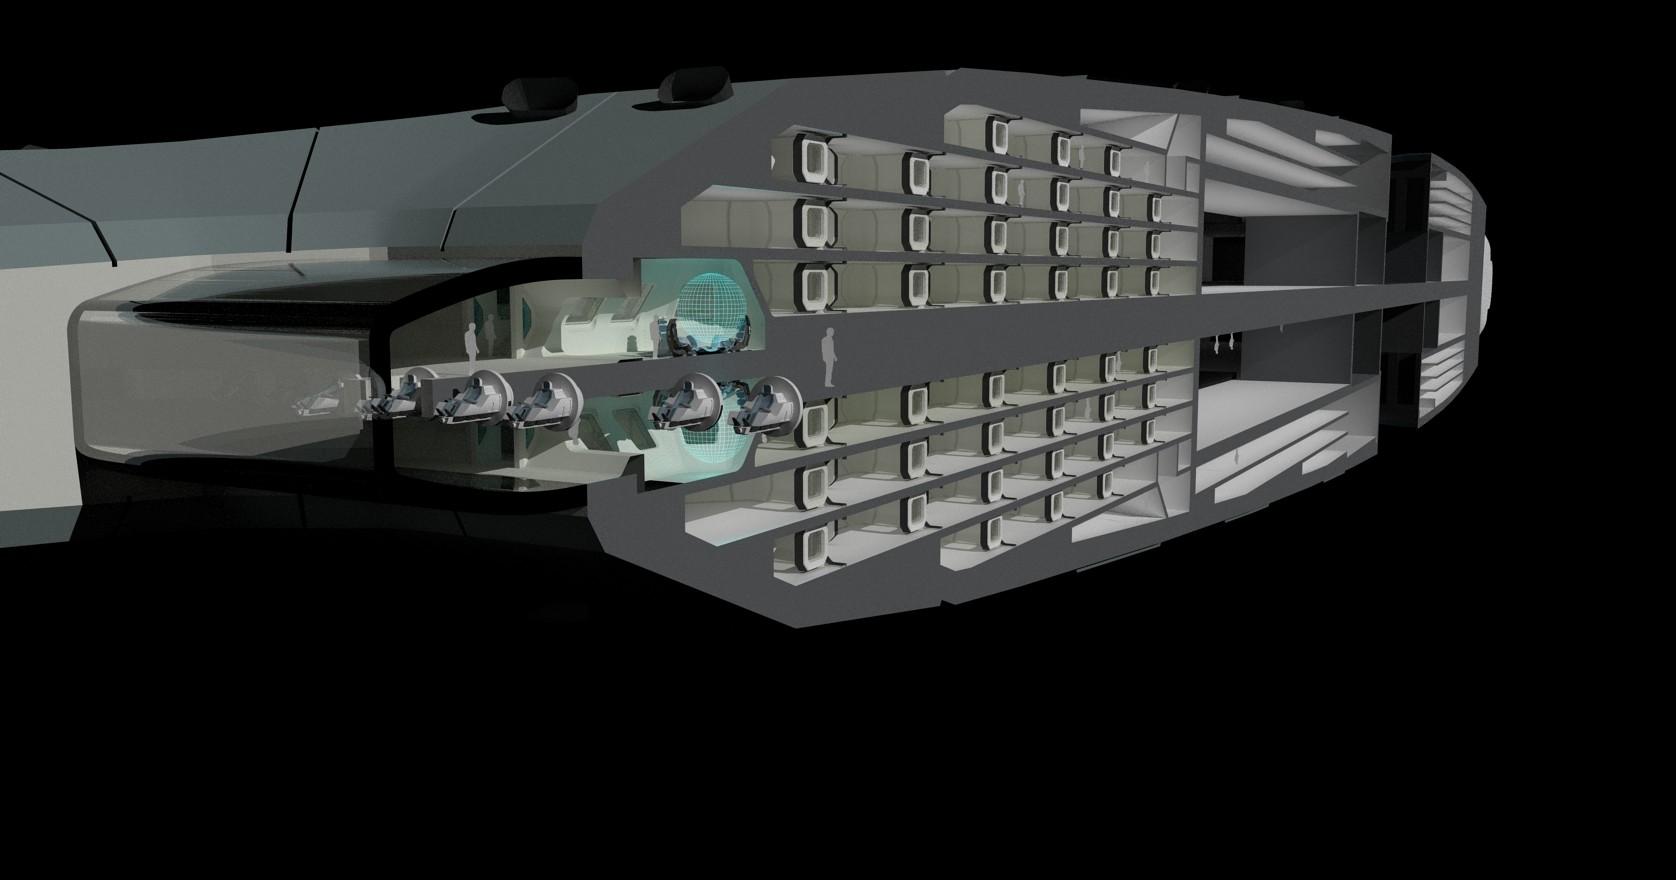 Joachim sverd battlecruisercressida interiortest 5